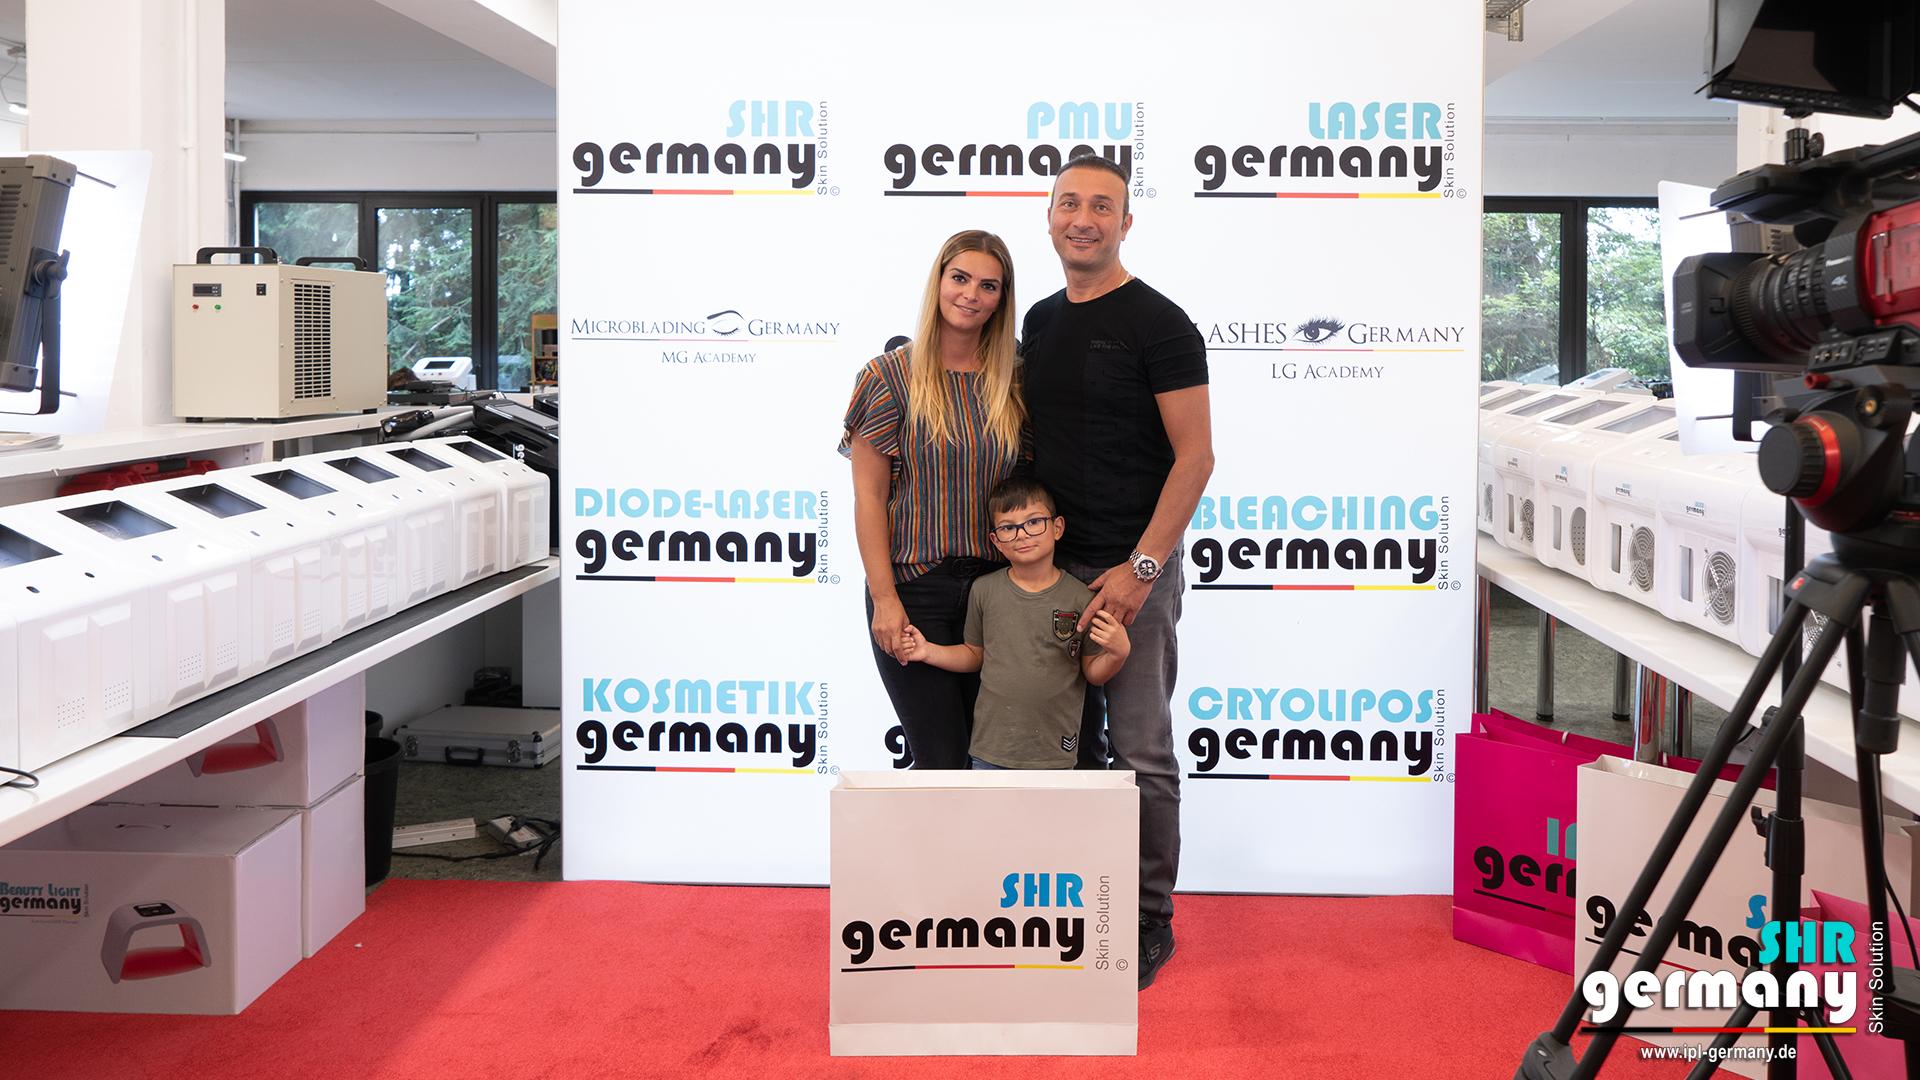 SHR_Germany_2018_Semi_IPL_SHR_22